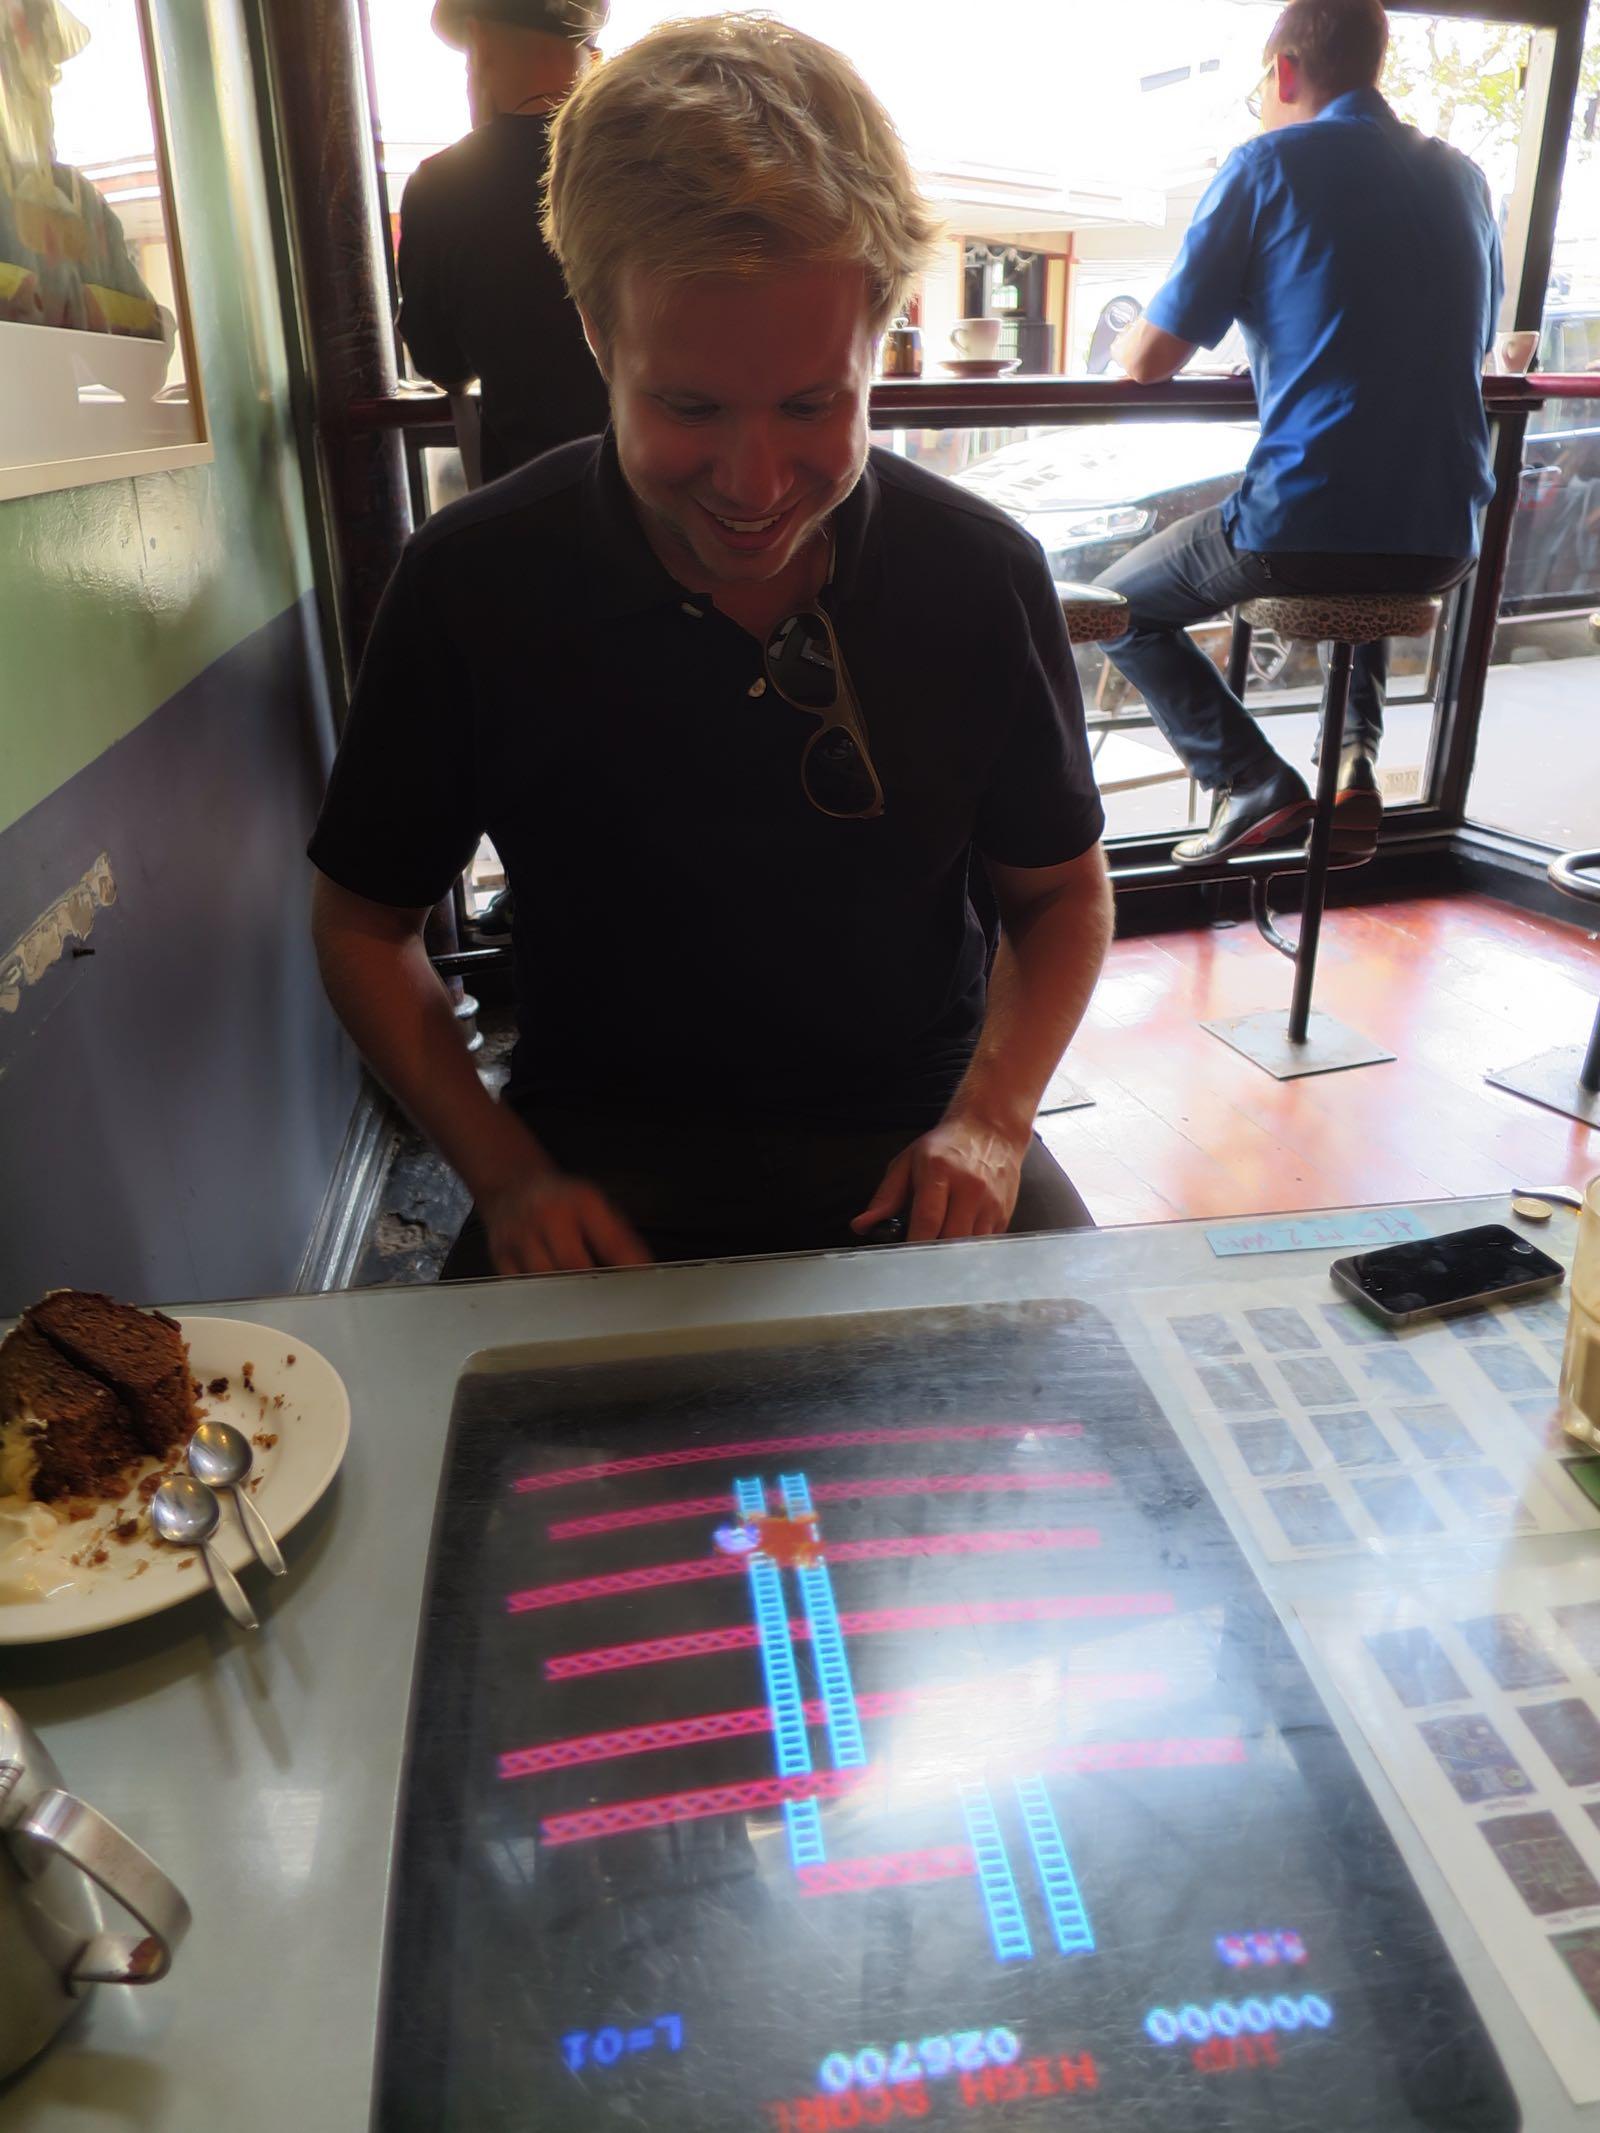 Midnight Espressossa sai pelata 80-luvun tietokonepelejä! mm. Pacman, King Kong, Space Invaders